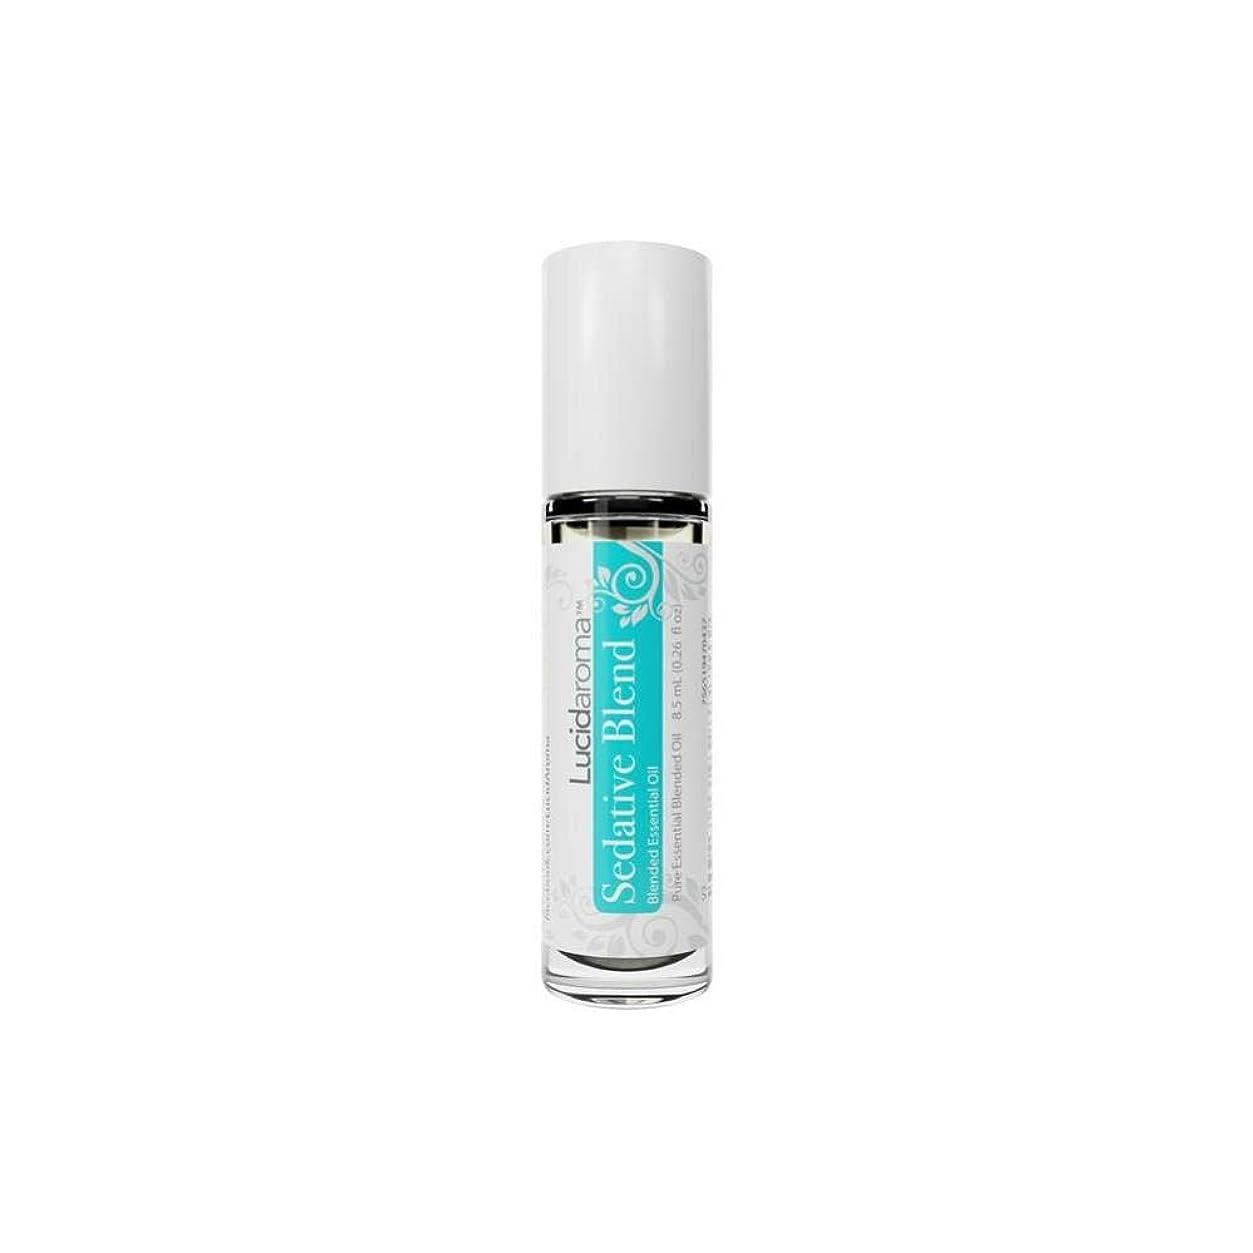 変数福祉親密なLucid Aroma Sedative Blend セダティヴ ブレンド ロールオン アロマオイル 8.5mL (塗るアロマ) 100%天然 携帯便利 ピュア エッセンシャル アメリカ製